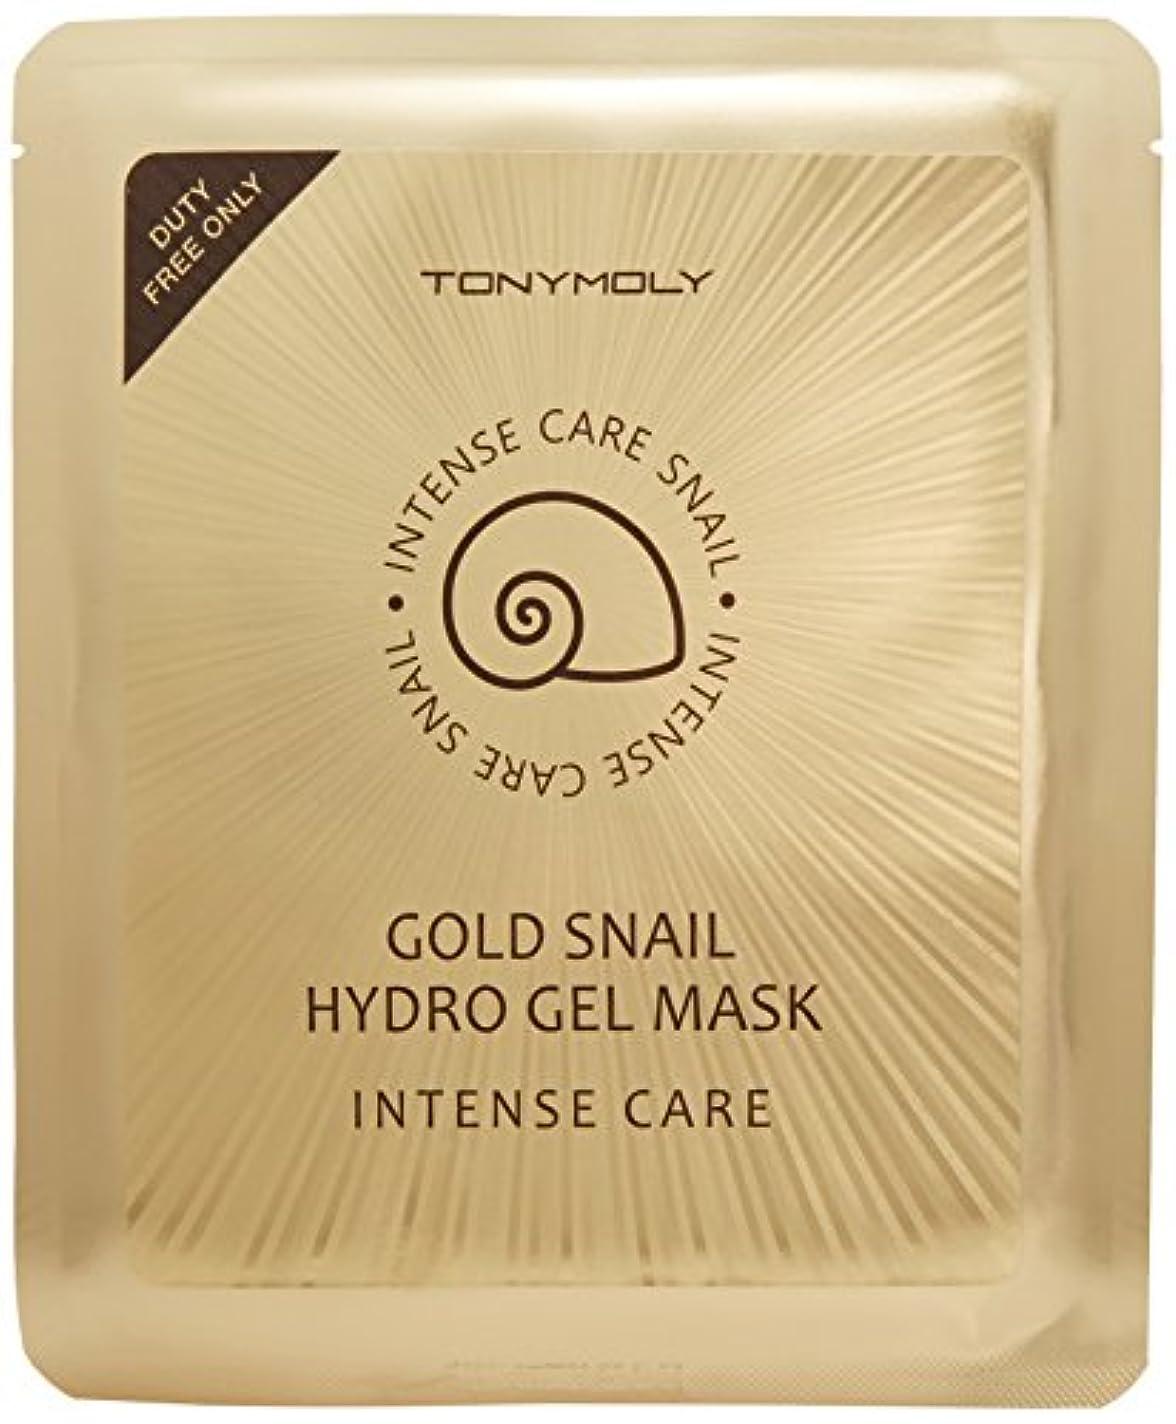 キャッシュ家畜一回トニーモリー インテンスケア ゴールド スネイル ハイドロゲルマスク 30gx10枚 [並行輸入品]